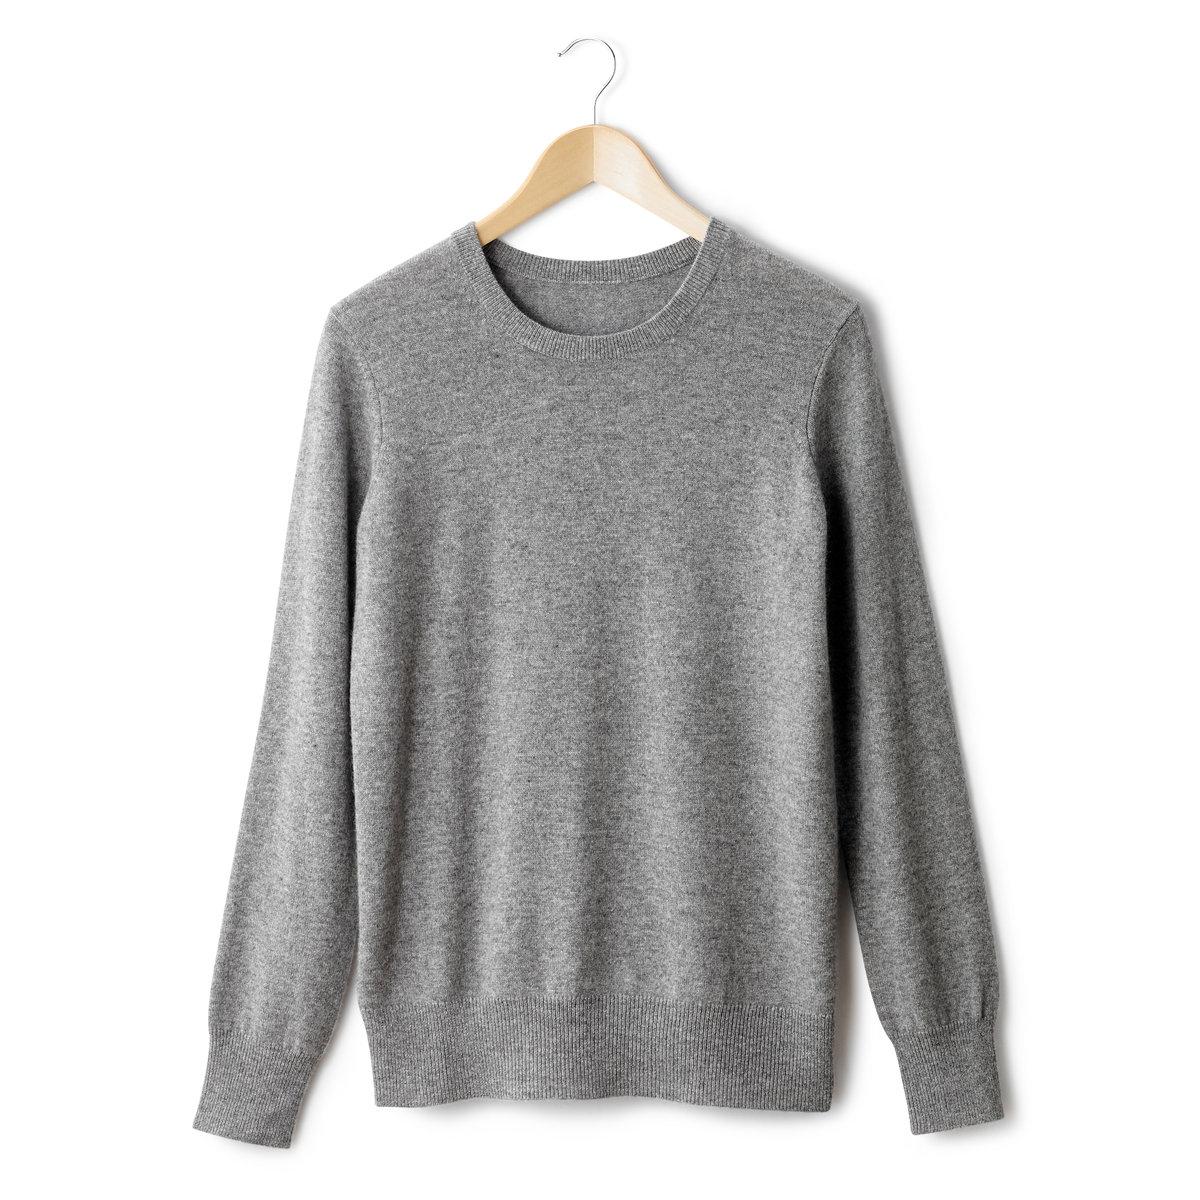 Пуловер с круглым вырезом, 100% кашемираПуловер с круглым вырезом и длинными рукавами. Края рукавов и низа связаны в рубчик. Джерси, 100% кашемира.Длина 64 см.<br><br>Цвет: серый меланж<br>Размер: 50/52 (FR) - 56/58 (RUS)